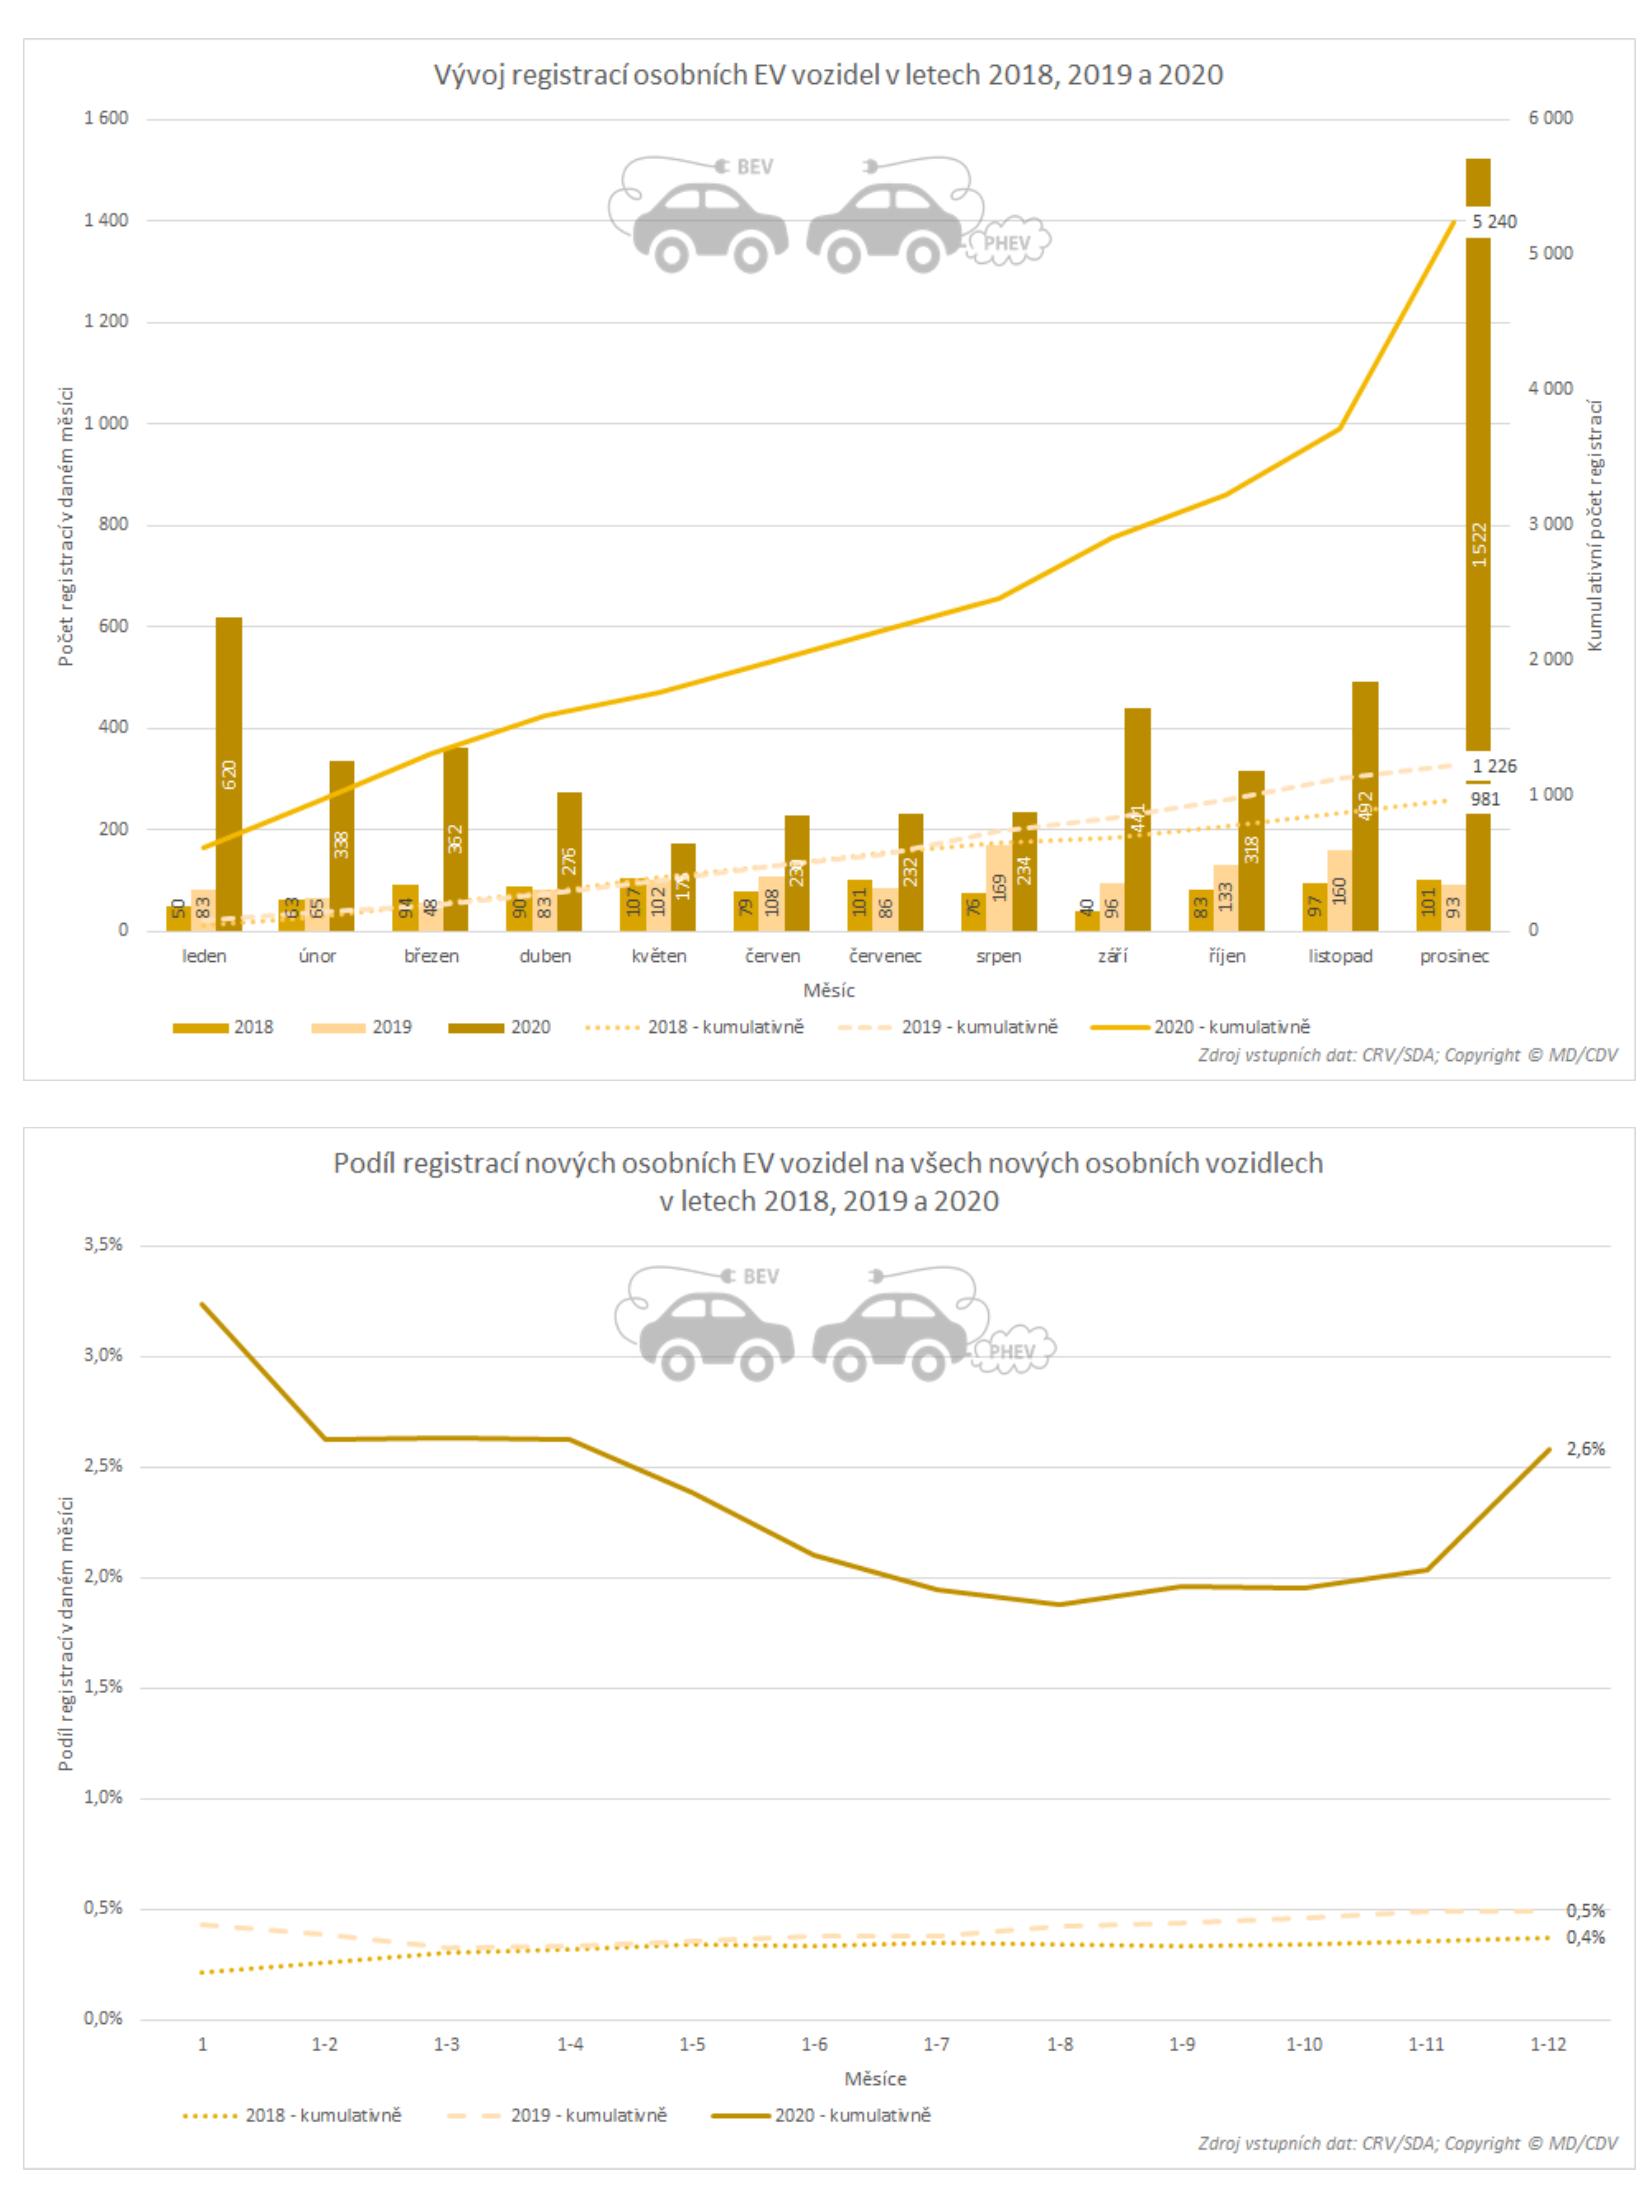 TZ: V roce 2020 bylo v ČR registrováno přes 5 tisíc nových osobních elektrických vozidel 07